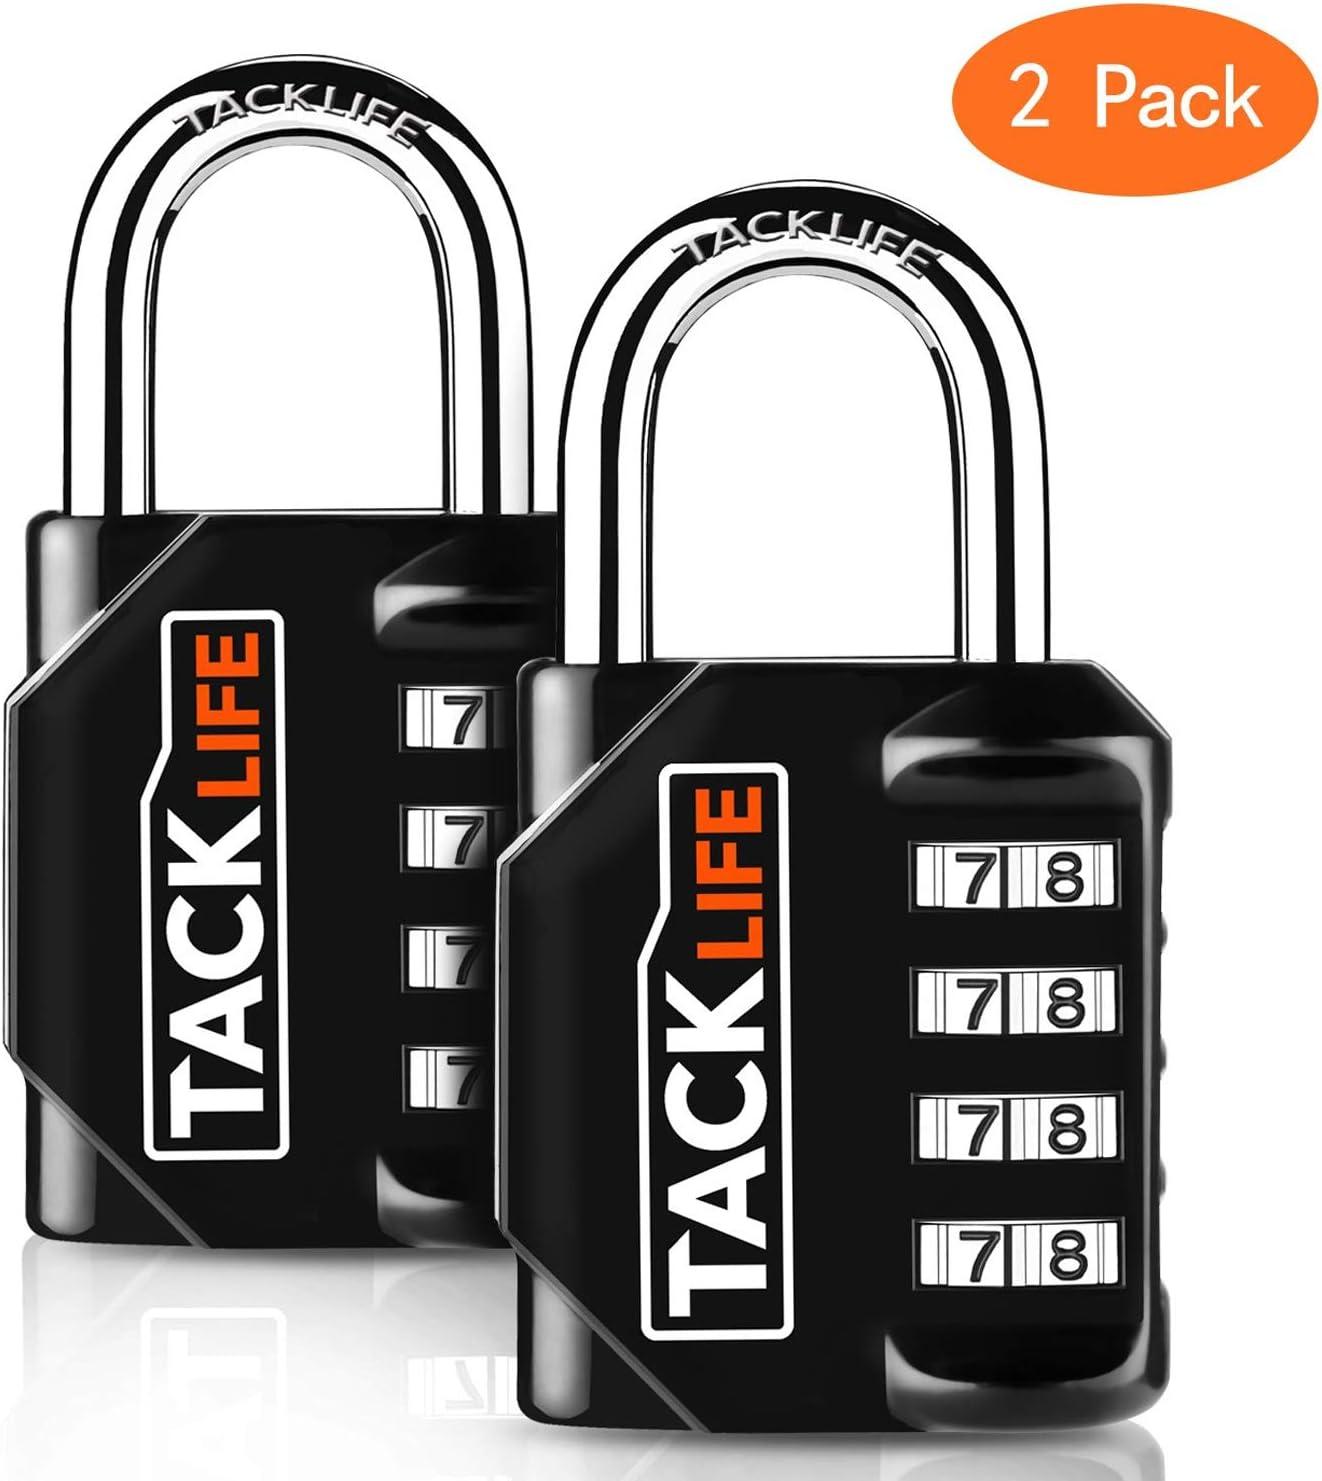 Candados de seguridad, Tacklife HCL1B Heavy Duty de 4 digitos codigos de combinacion reprogramables equipaje cerraduras, cerraduras para indoor & Outdoor uso diario: Amazon.es: Bricolaje y herramientas